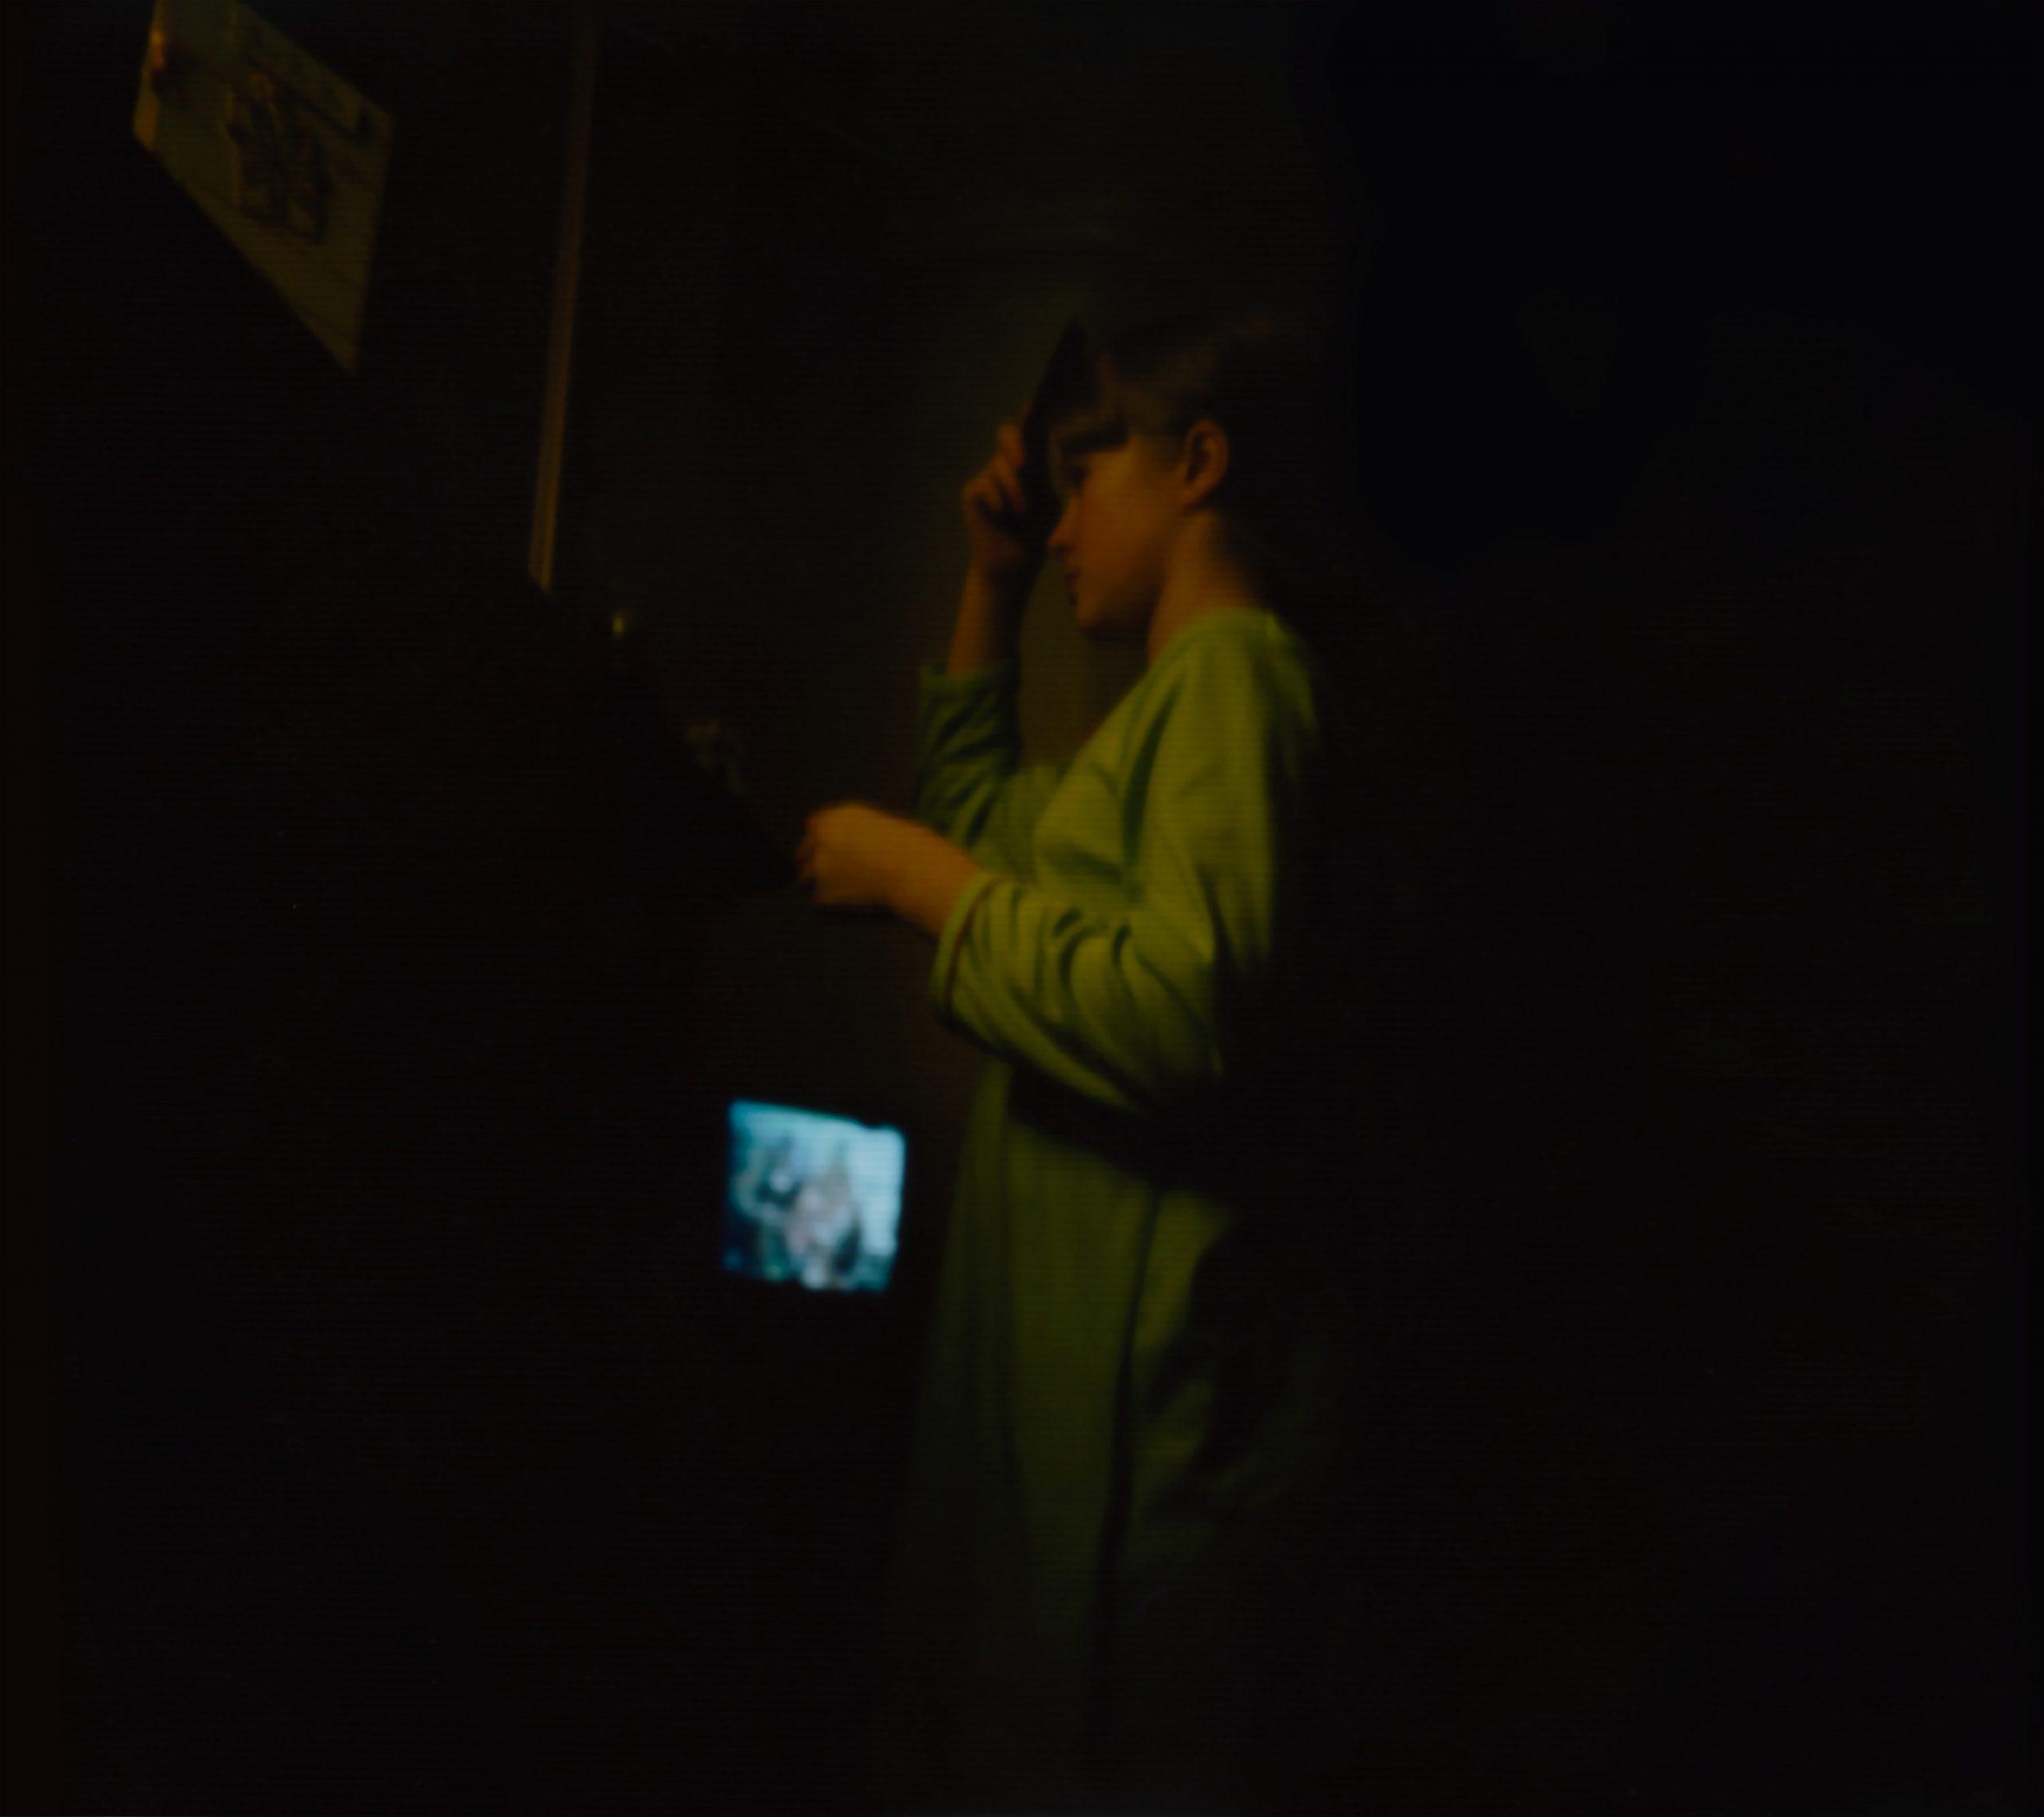 Wren-Agency-Rachel-Louise-Brown-Malevolent Eye - 04